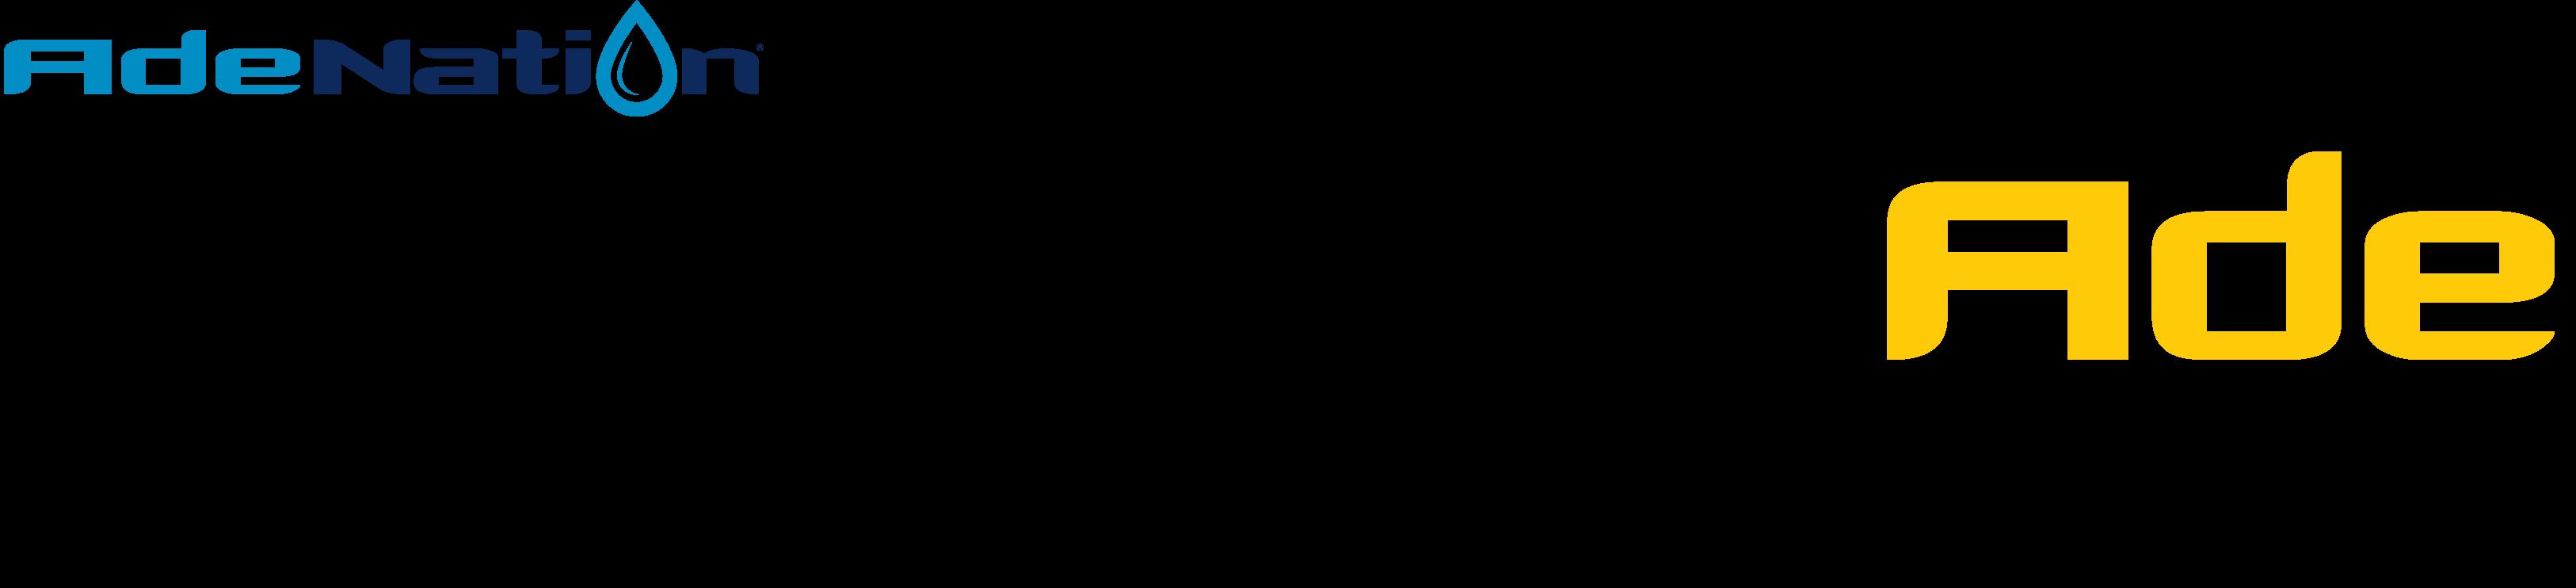 60b62b3f4fd22.png